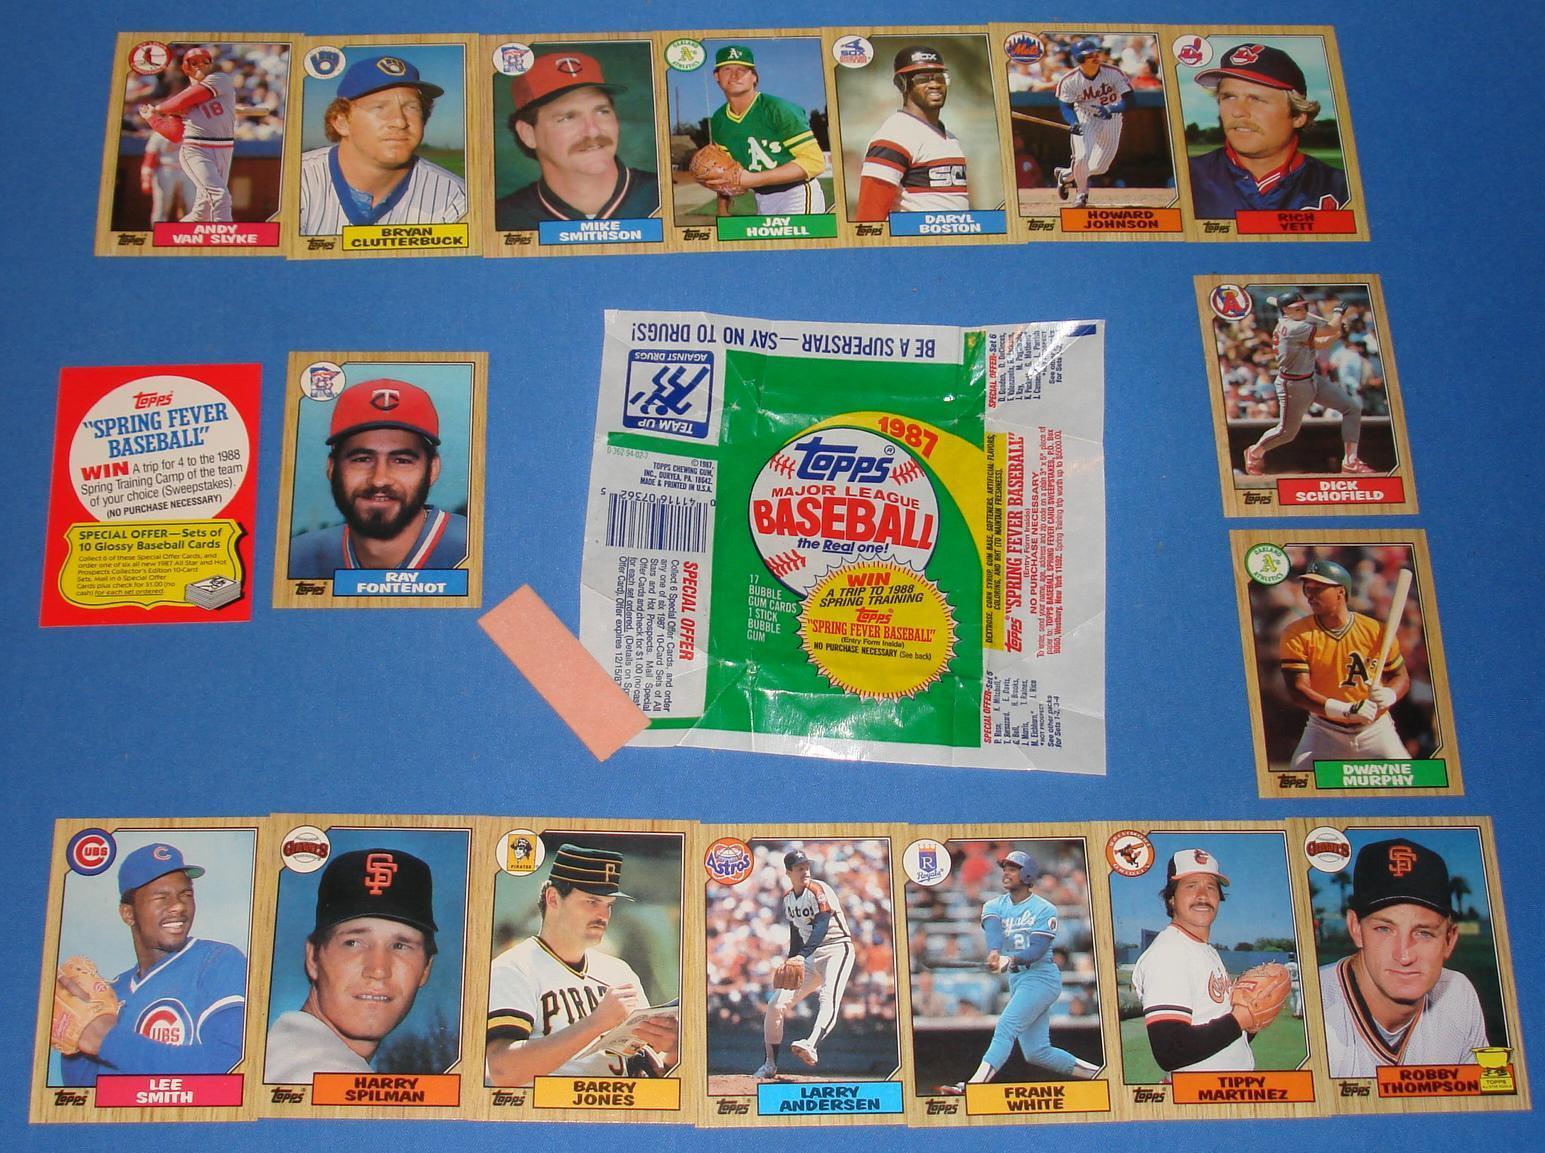 Topps Baseball Card 1987 Open Wrapper Gum Pack 17 Cards